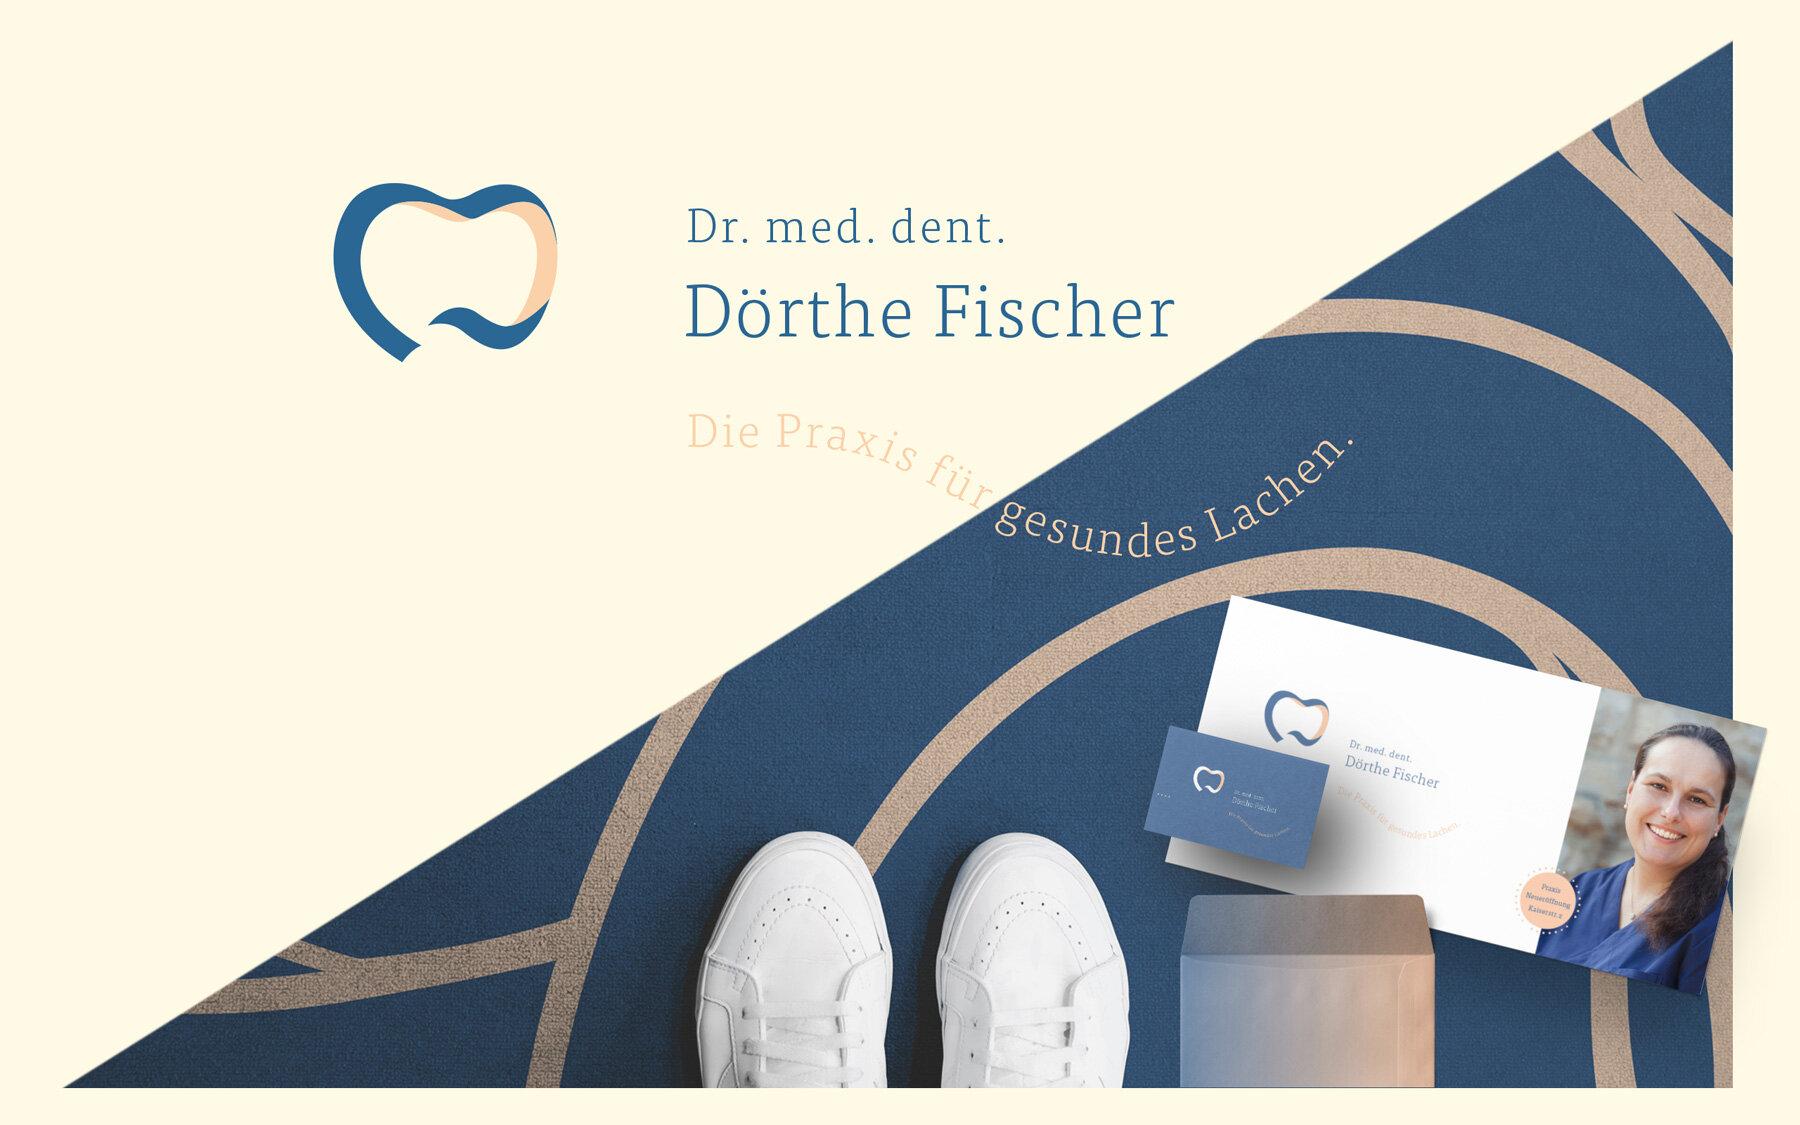 Michael-seidl-branding-praxis-dr-fischer.jpg